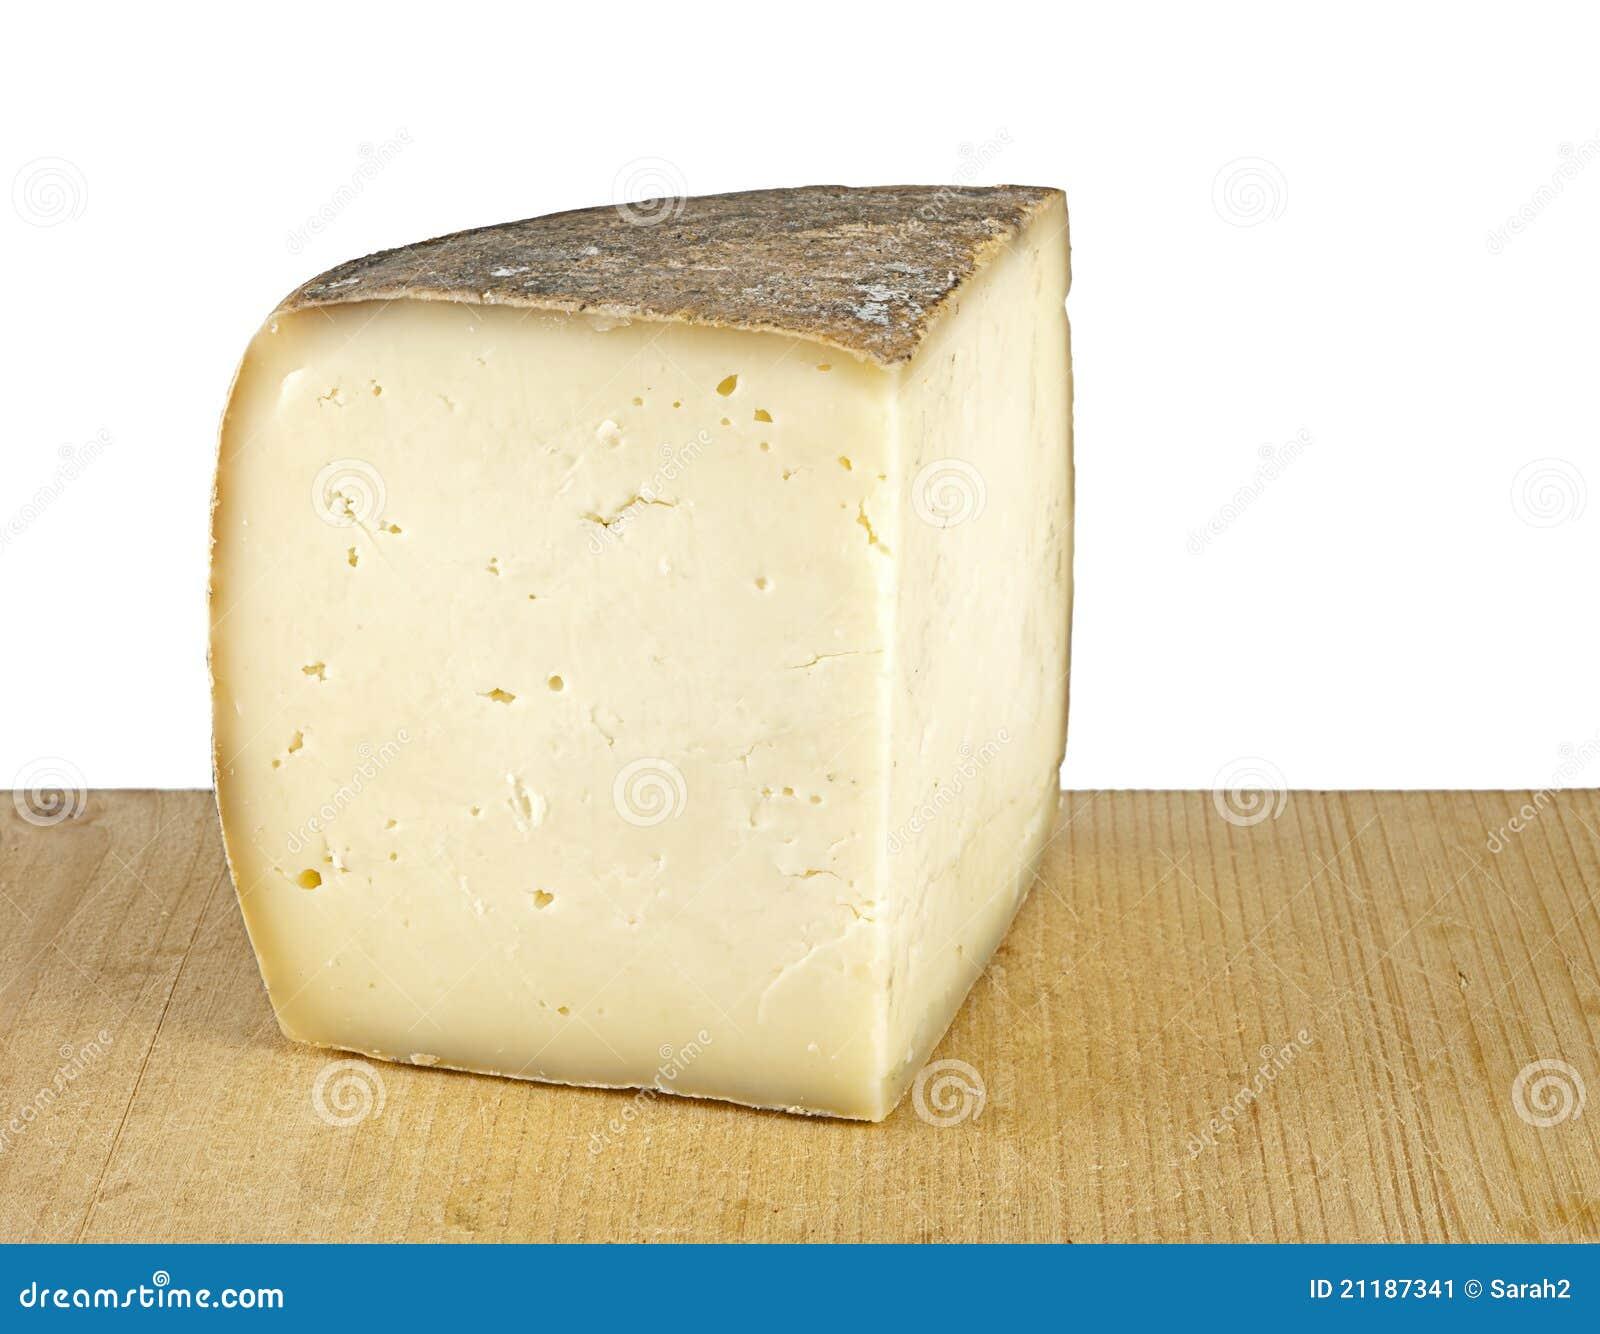 Cave matured pecorino sheep cheese